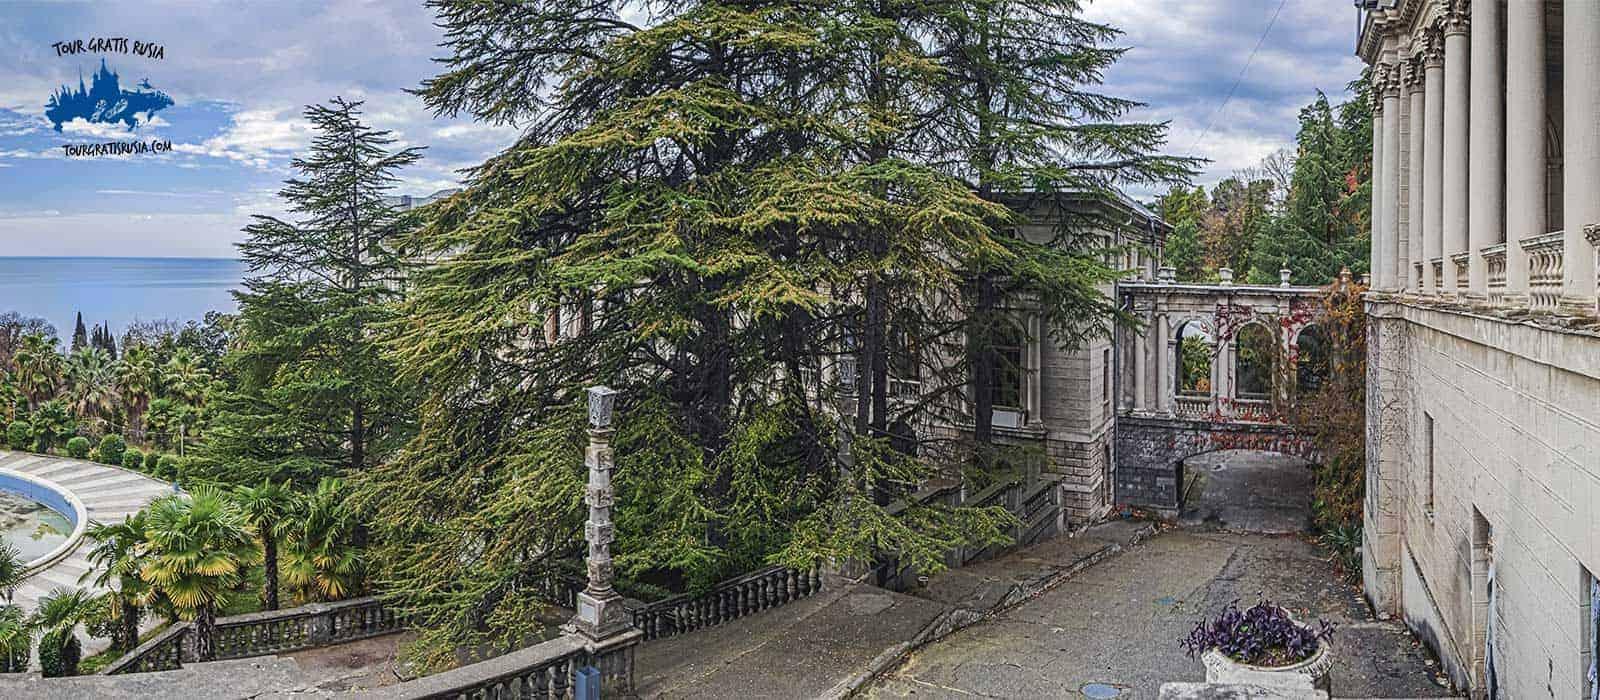 Tour al Sanatorio Ordzhonikidze y el Camino de la salud